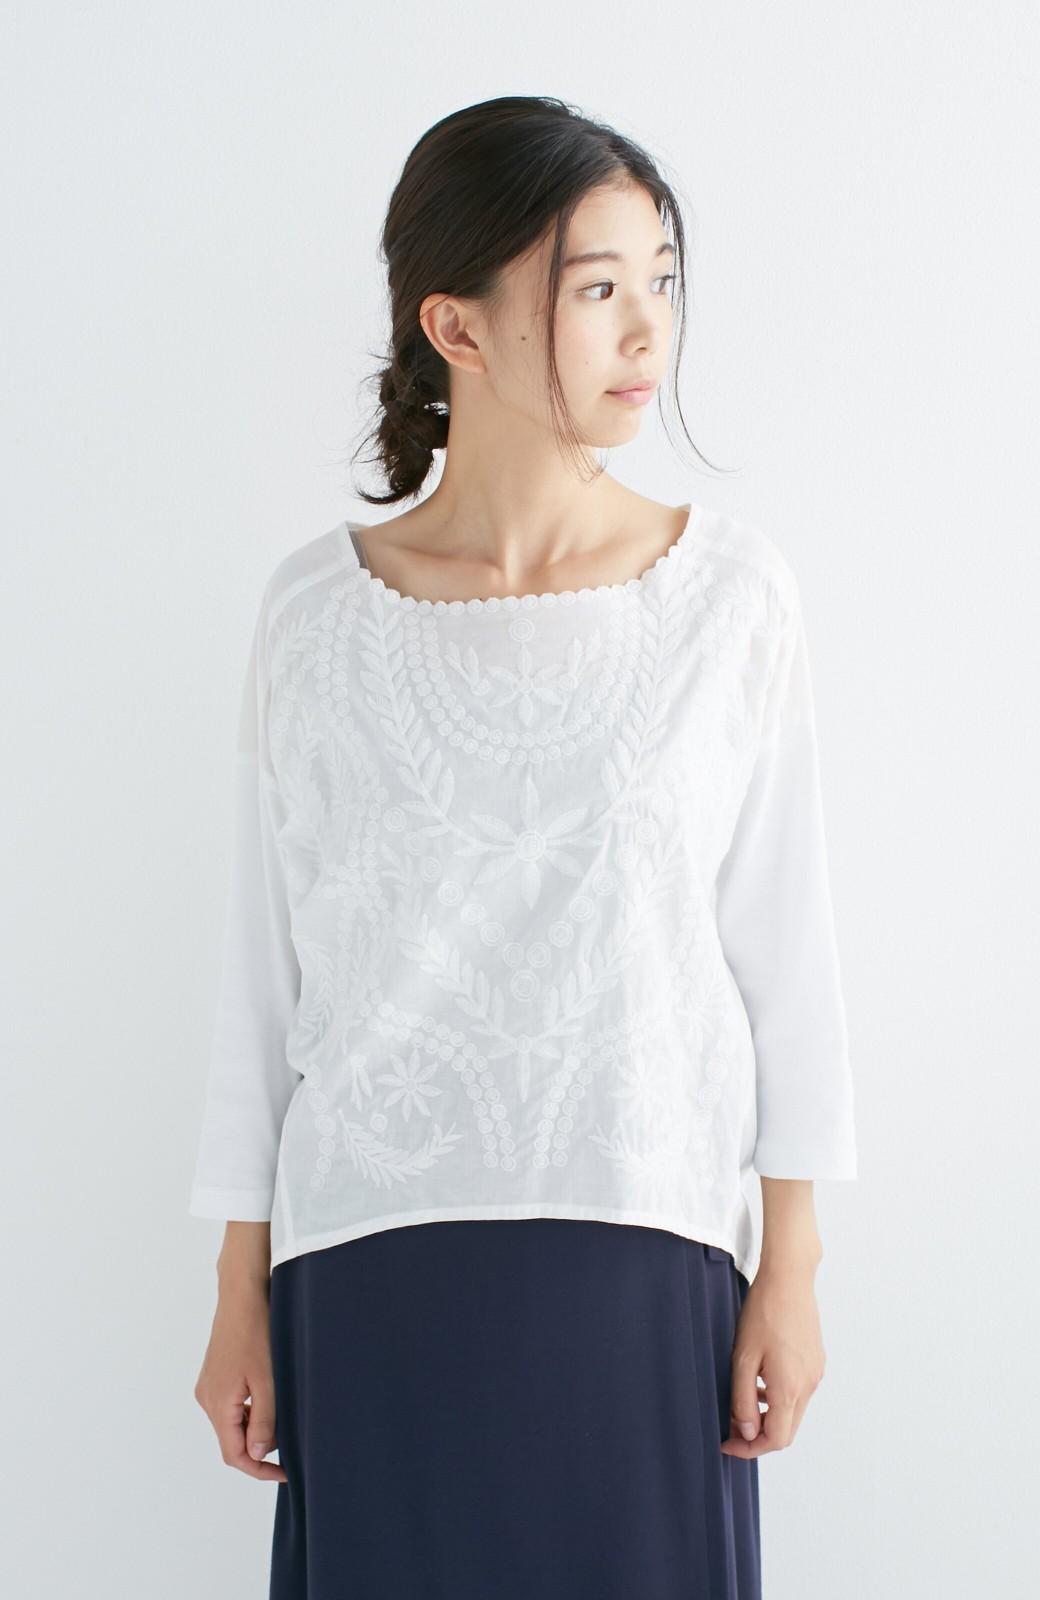 エムトロワ こう見えて動きやすい、袖だけカットソーの華やか刺しゅうブラウス <ホワイト>の商品写真3